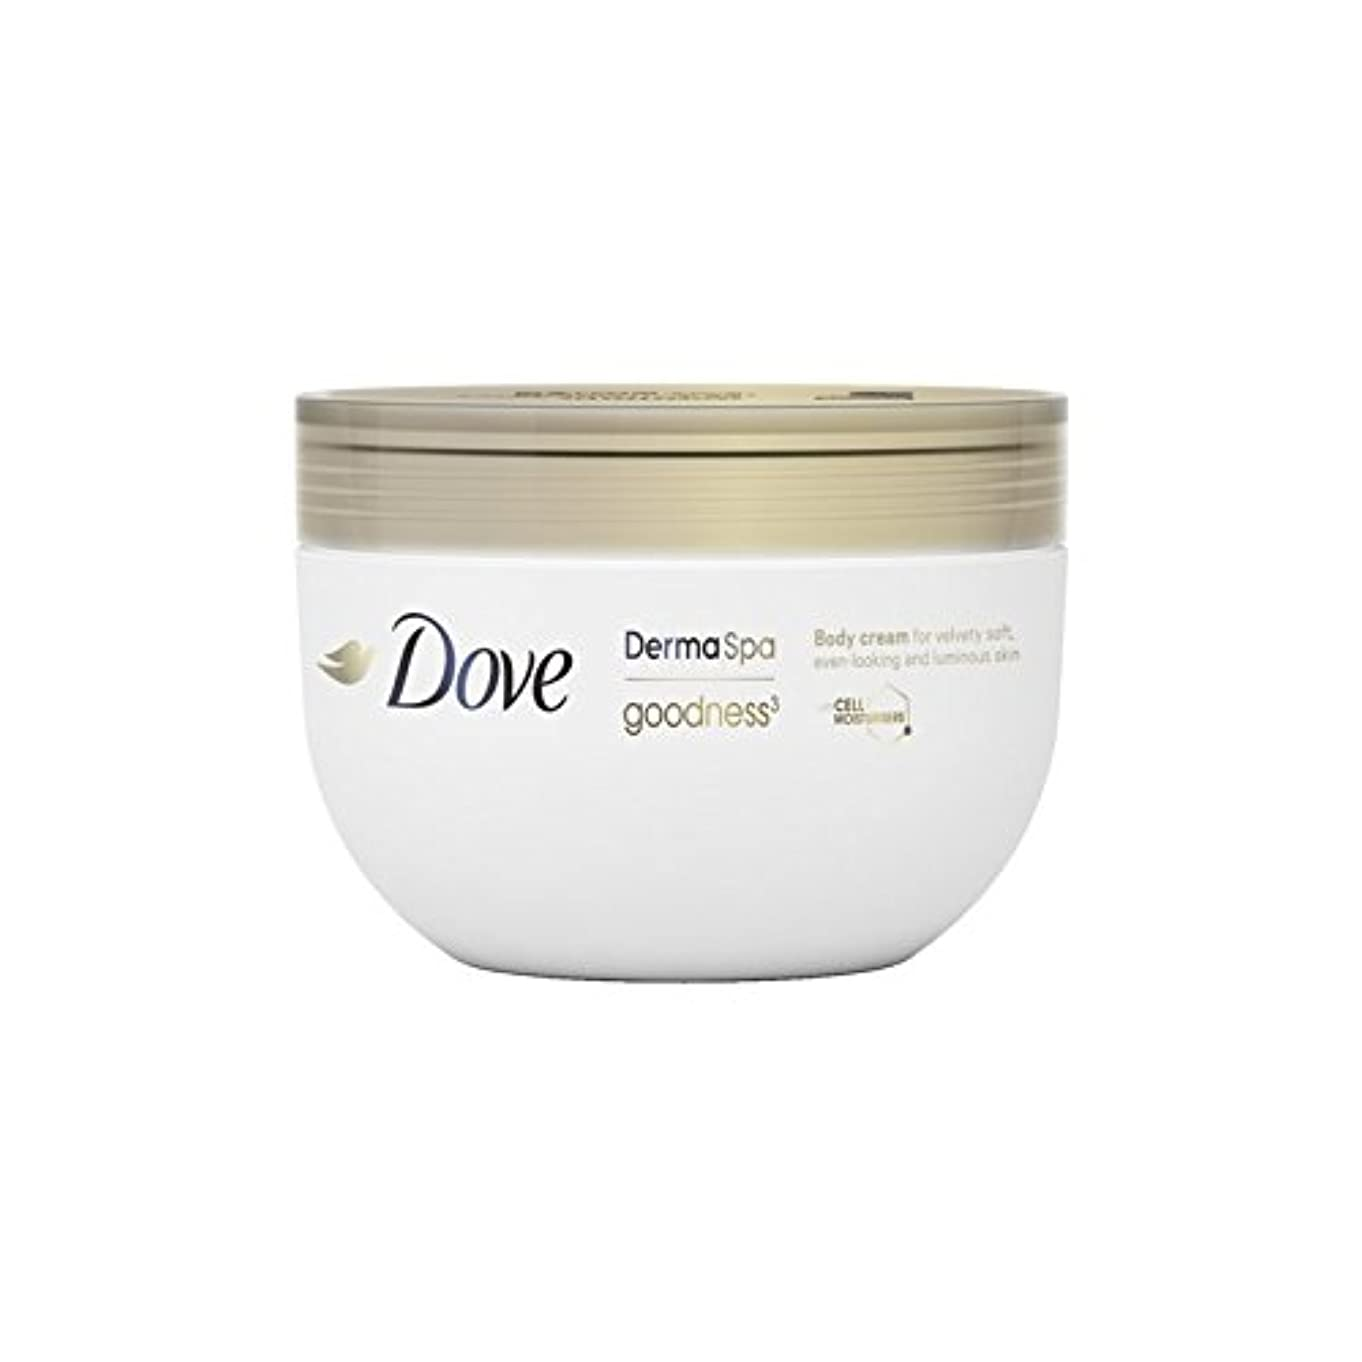 安心させるペック重大鳩の3ボディクリーム(300ミリリットル) x2 - Dove DermaSpa Goodness3 Body Cream (300ml) (Pack of 2) [並行輸入品]